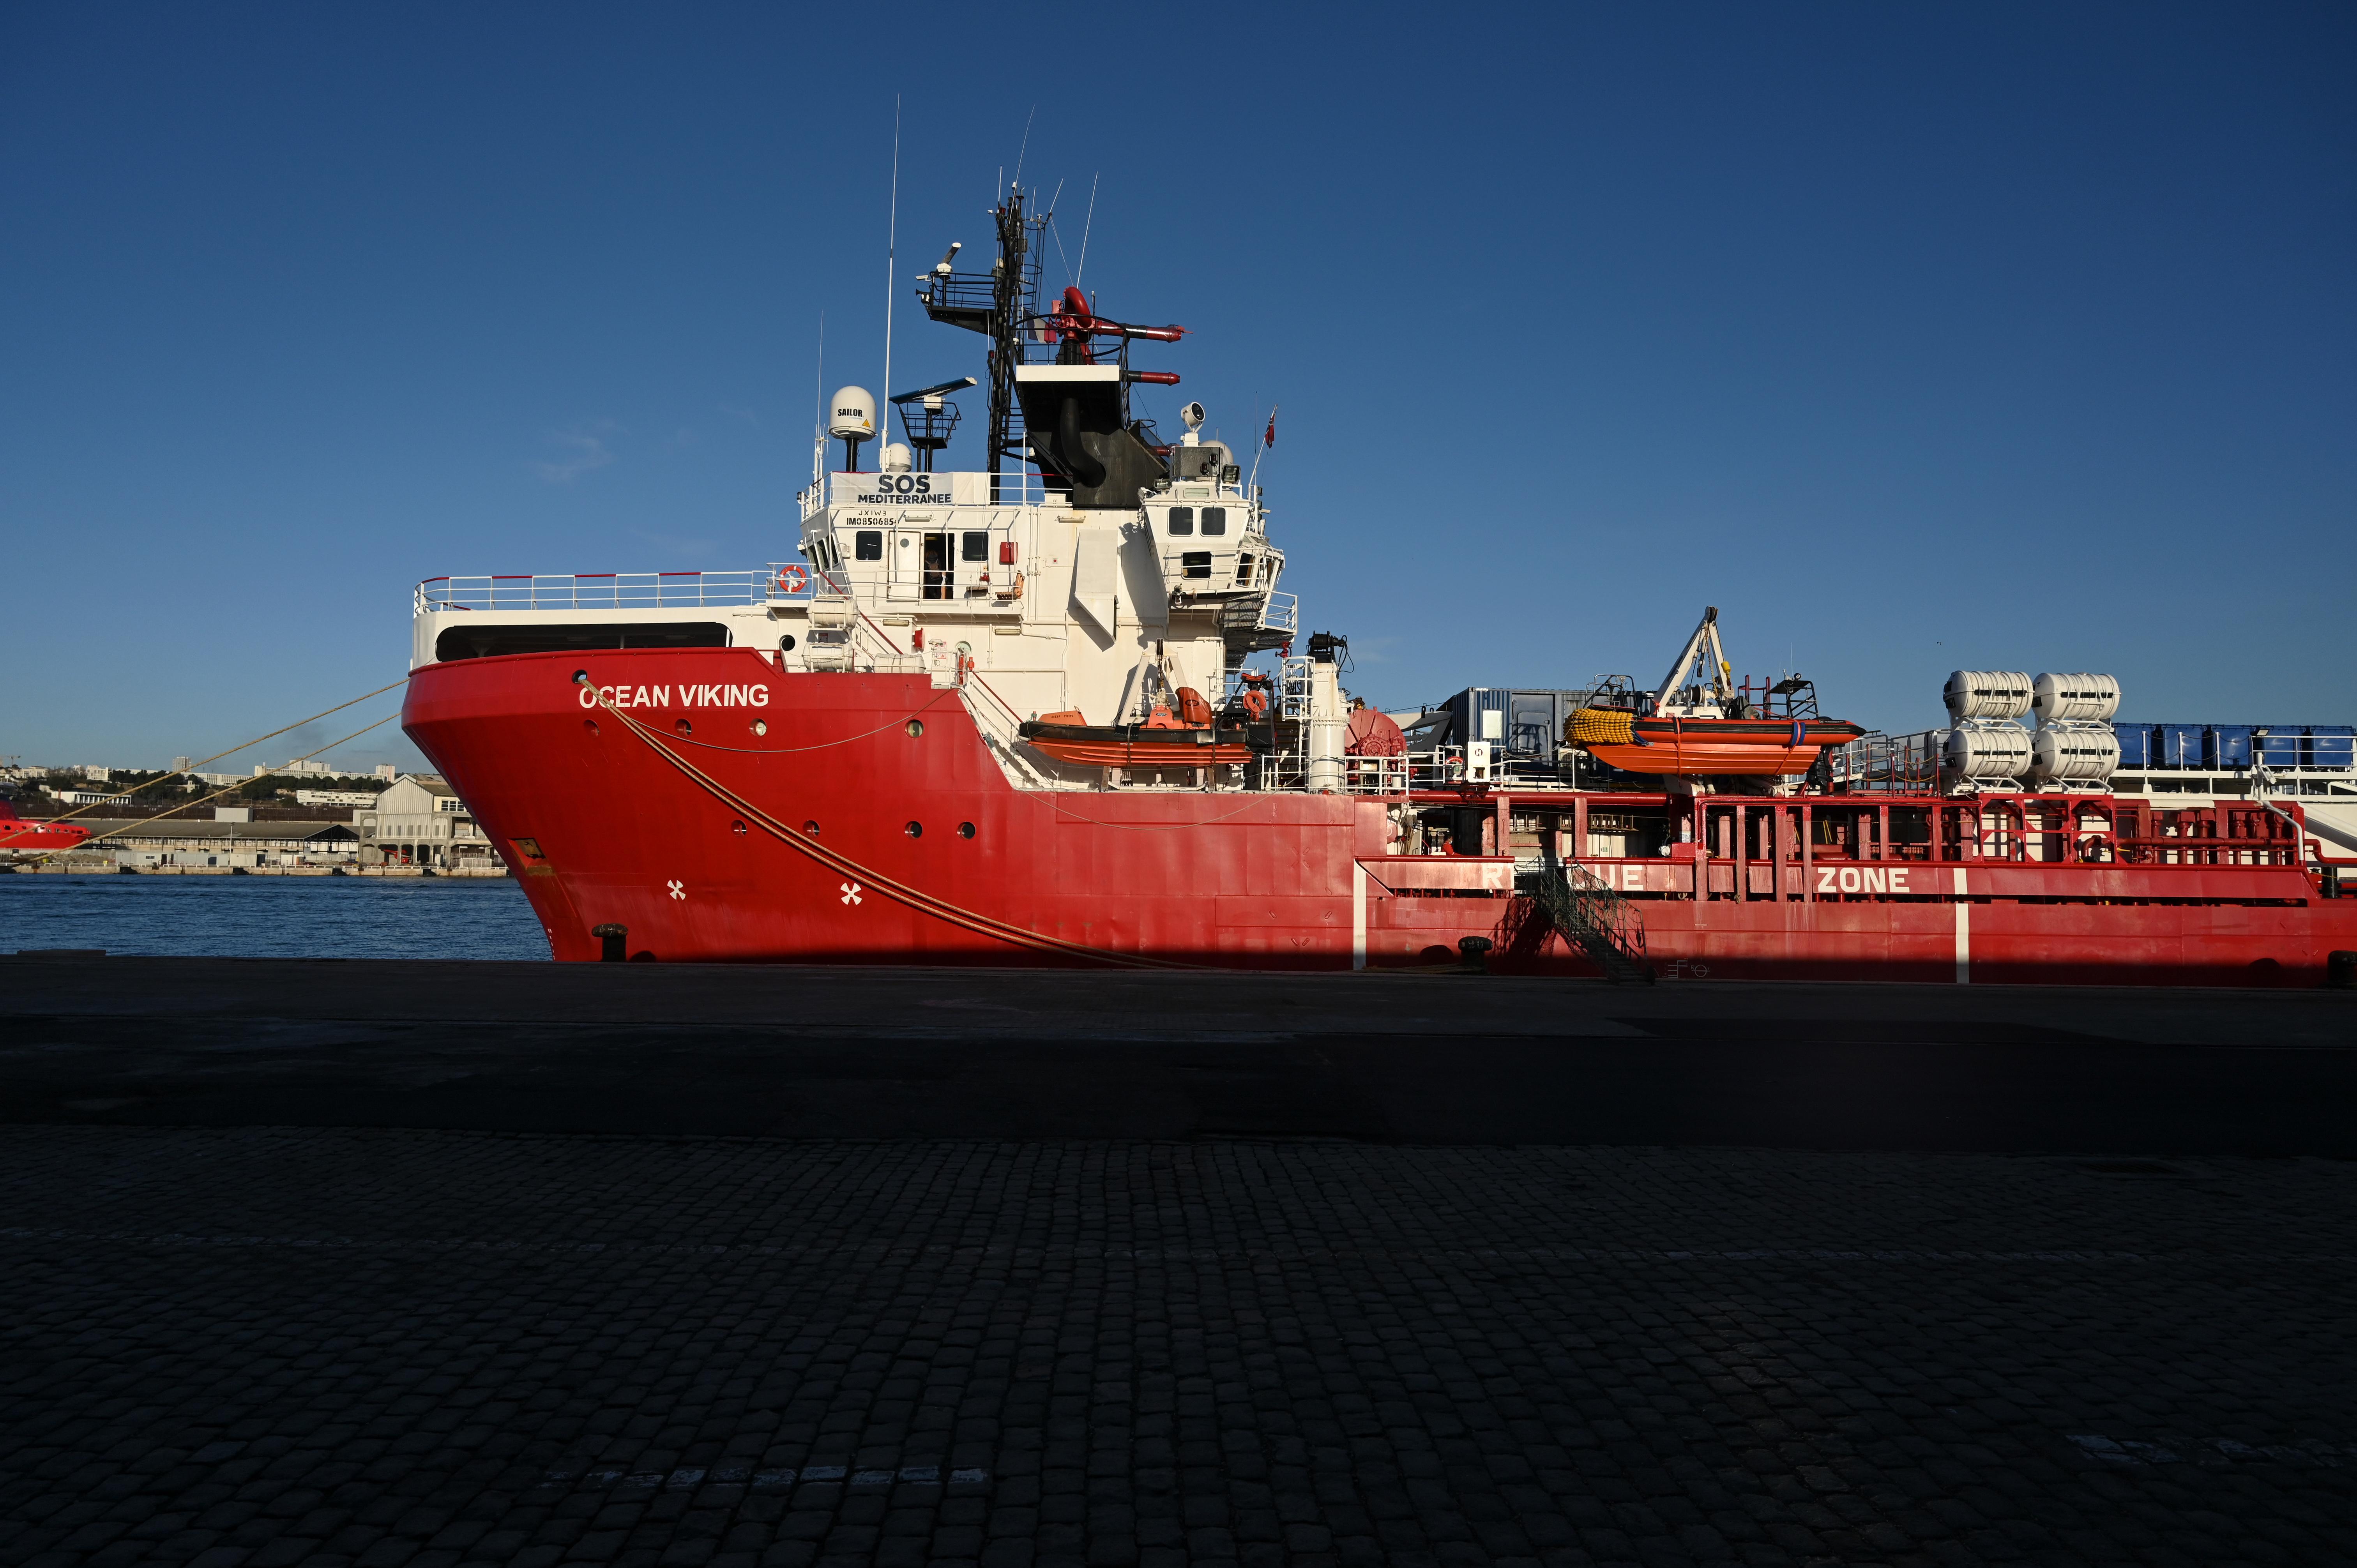 Szicíliában köthet ki a Ocean Viking mentőhajó